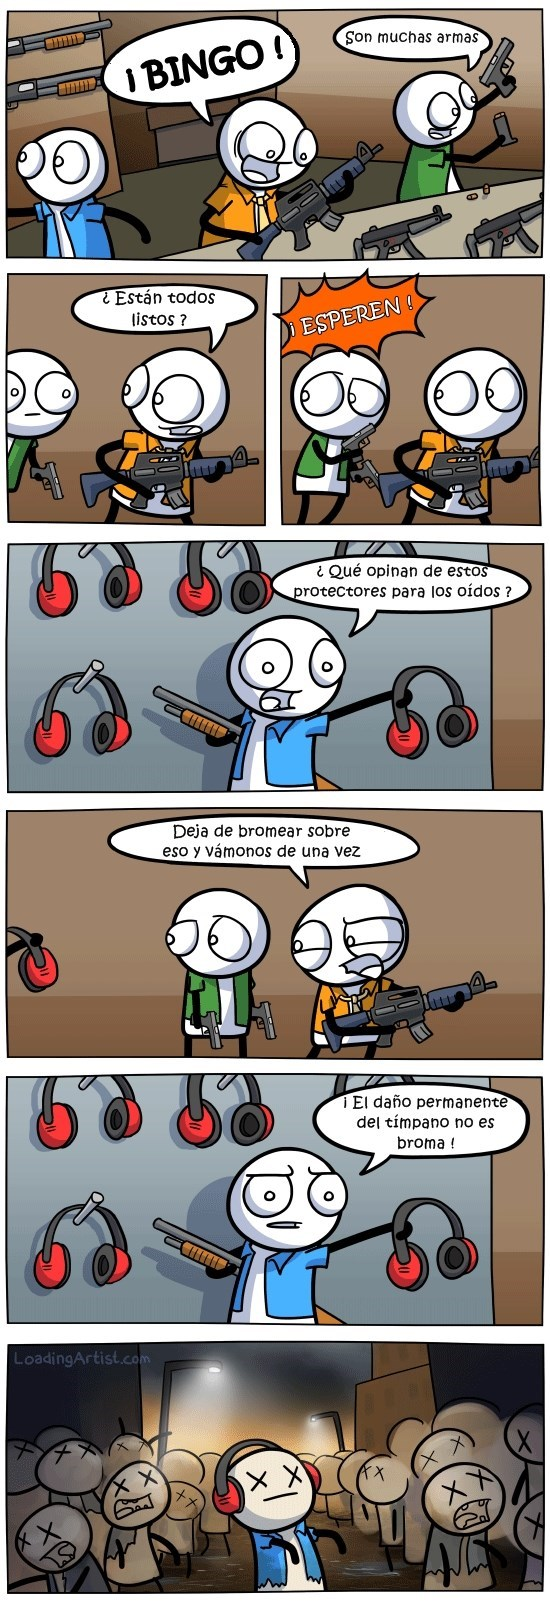 sacar las armas